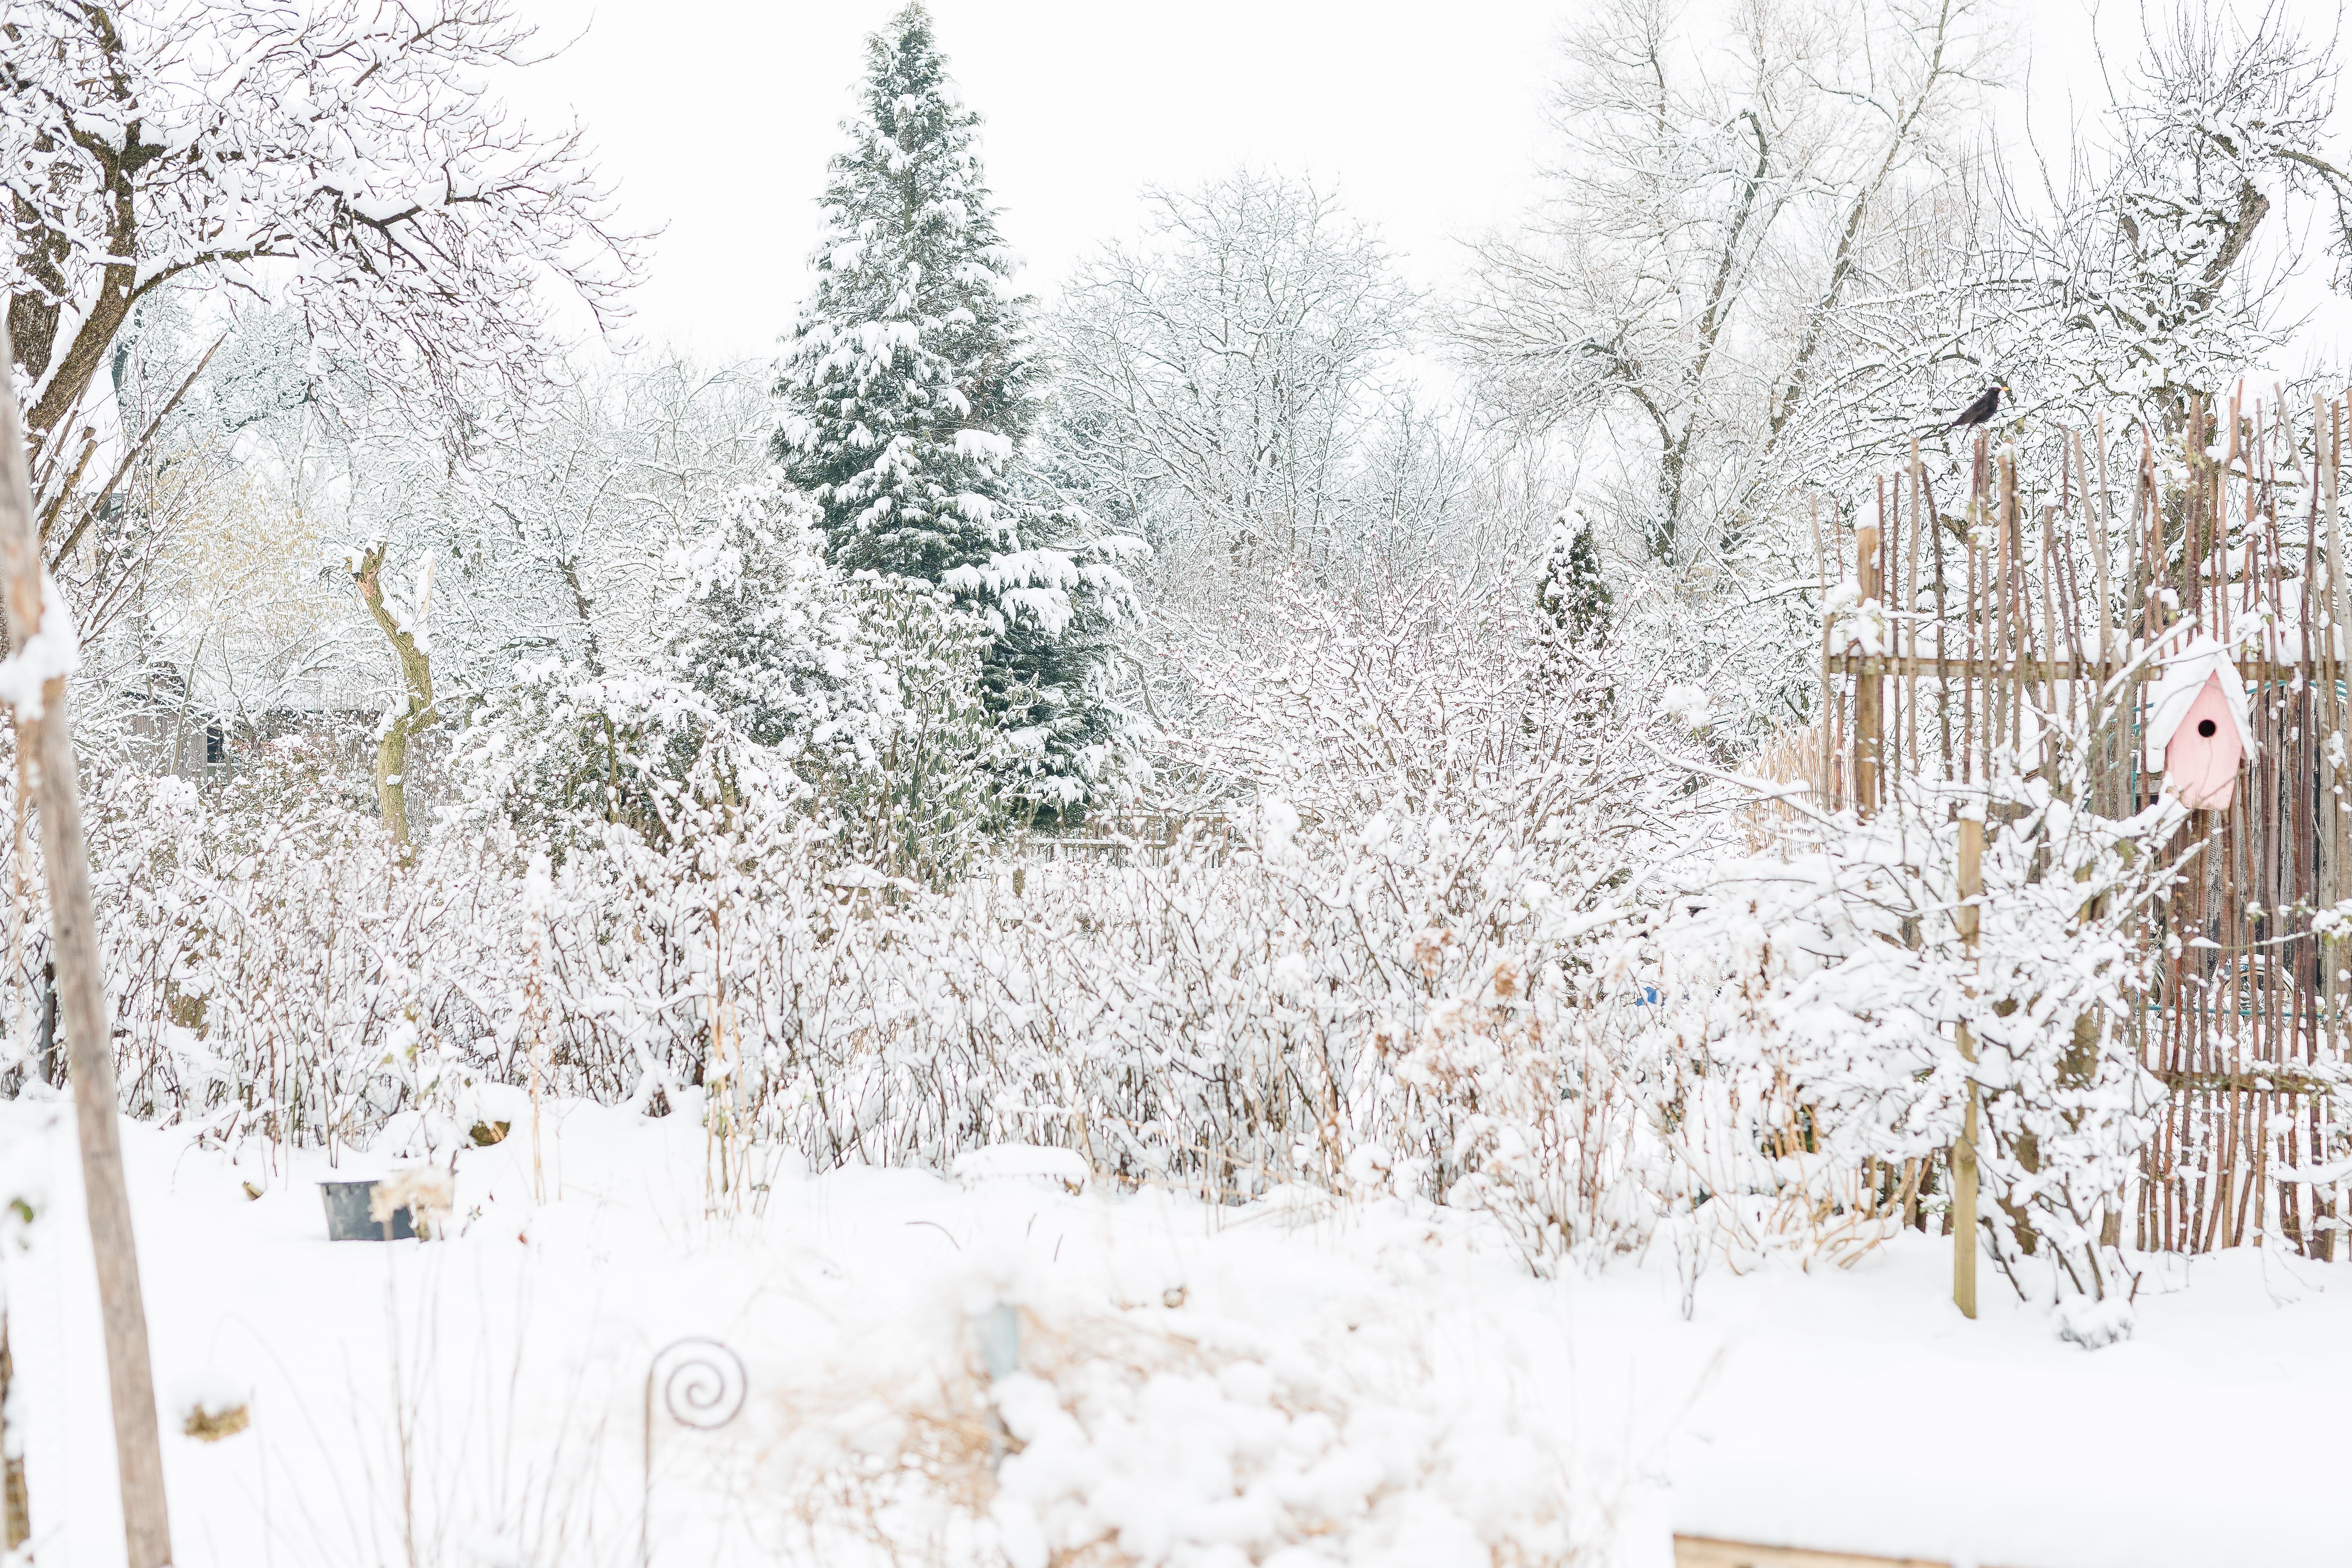 Mein Garten im Februar,Pomponetti